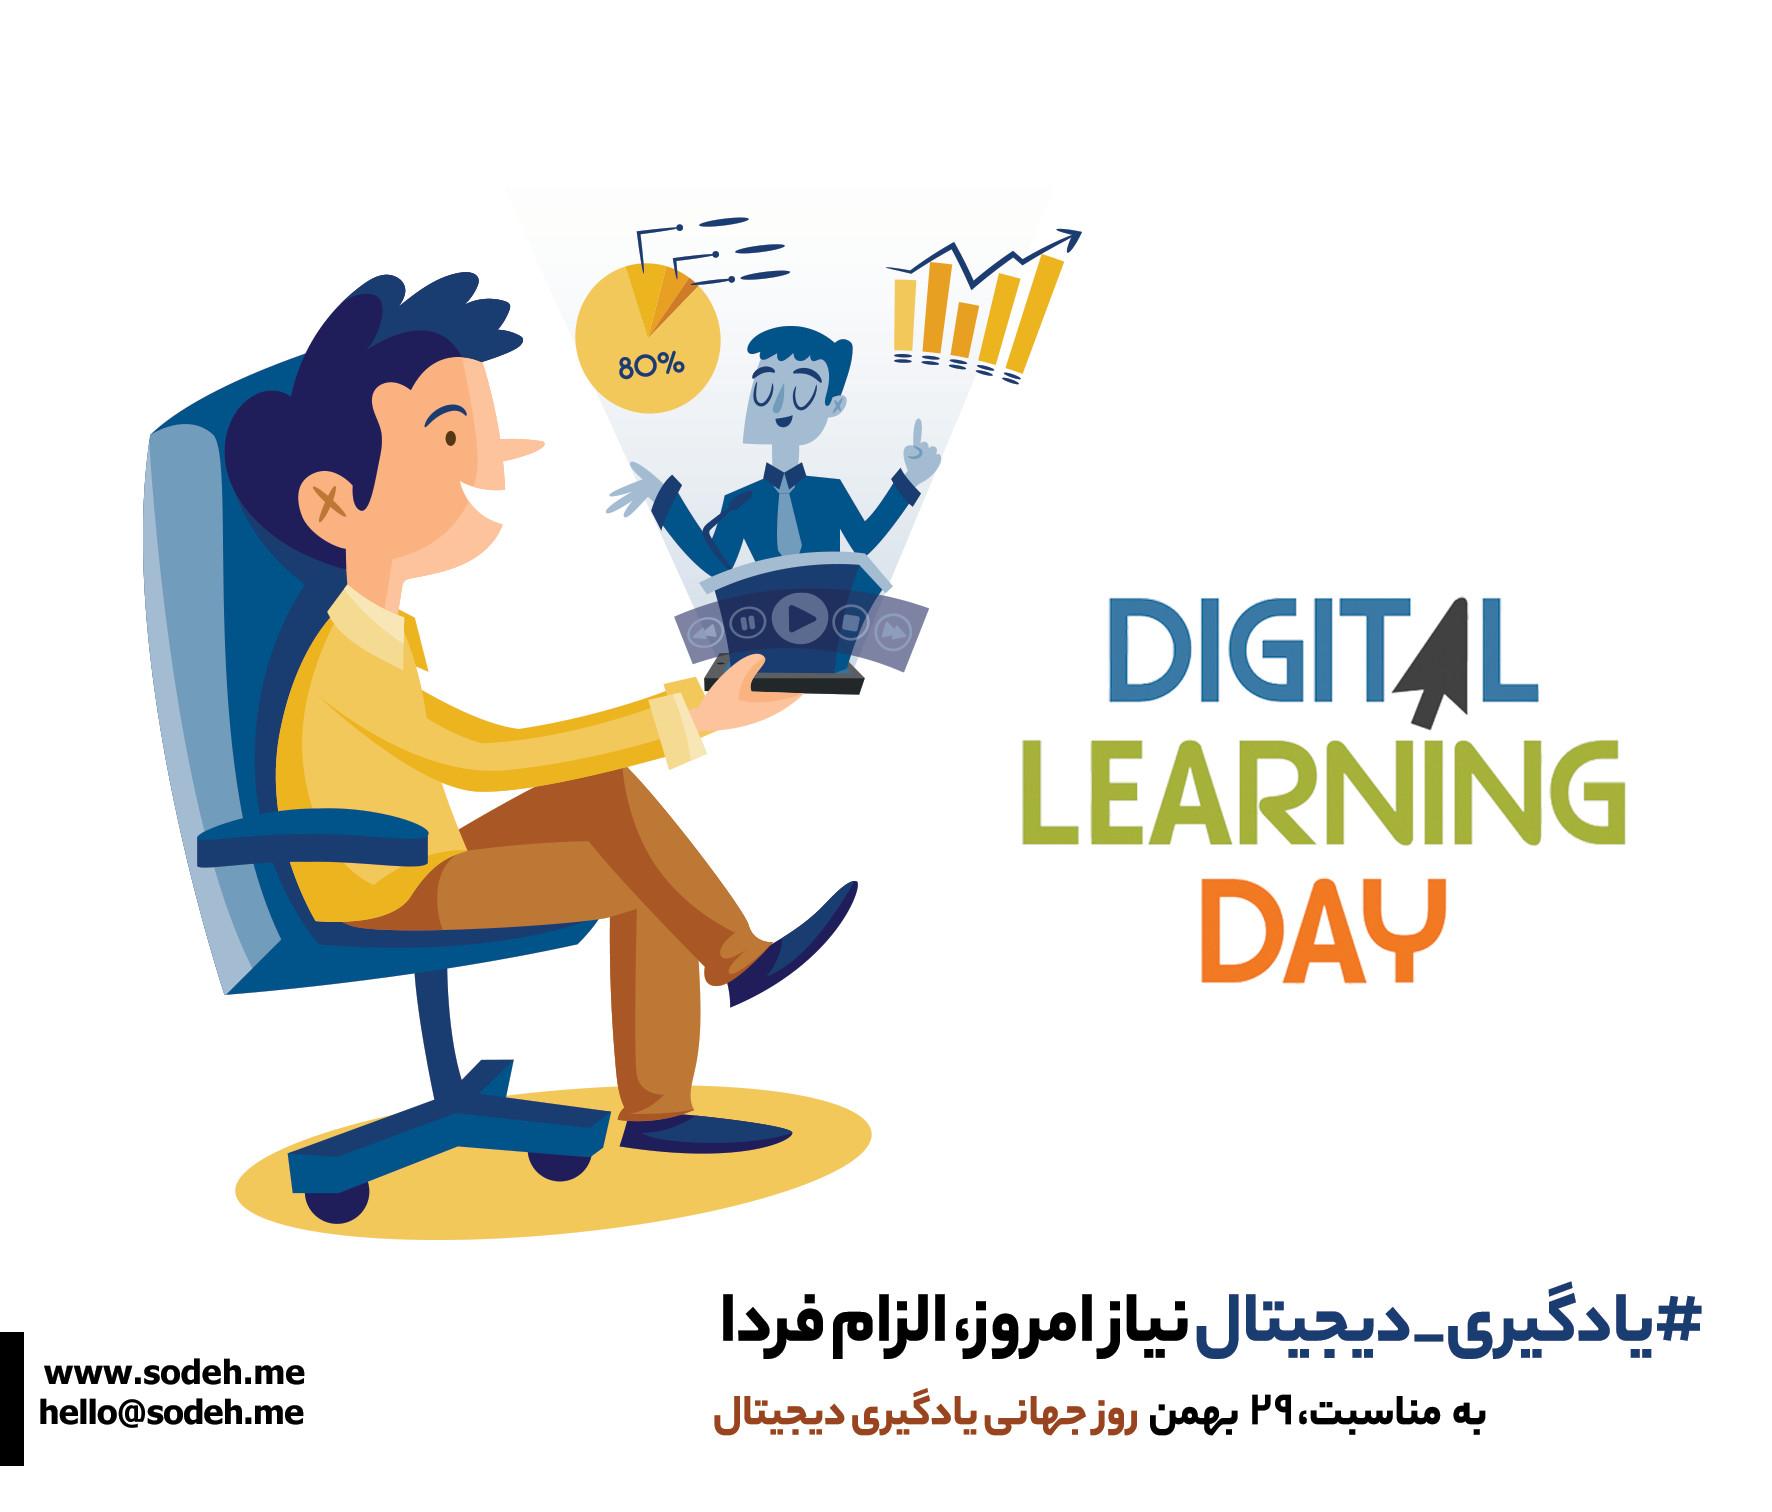 یادگیری دیجیتال نیاز امروز، الزام فردا